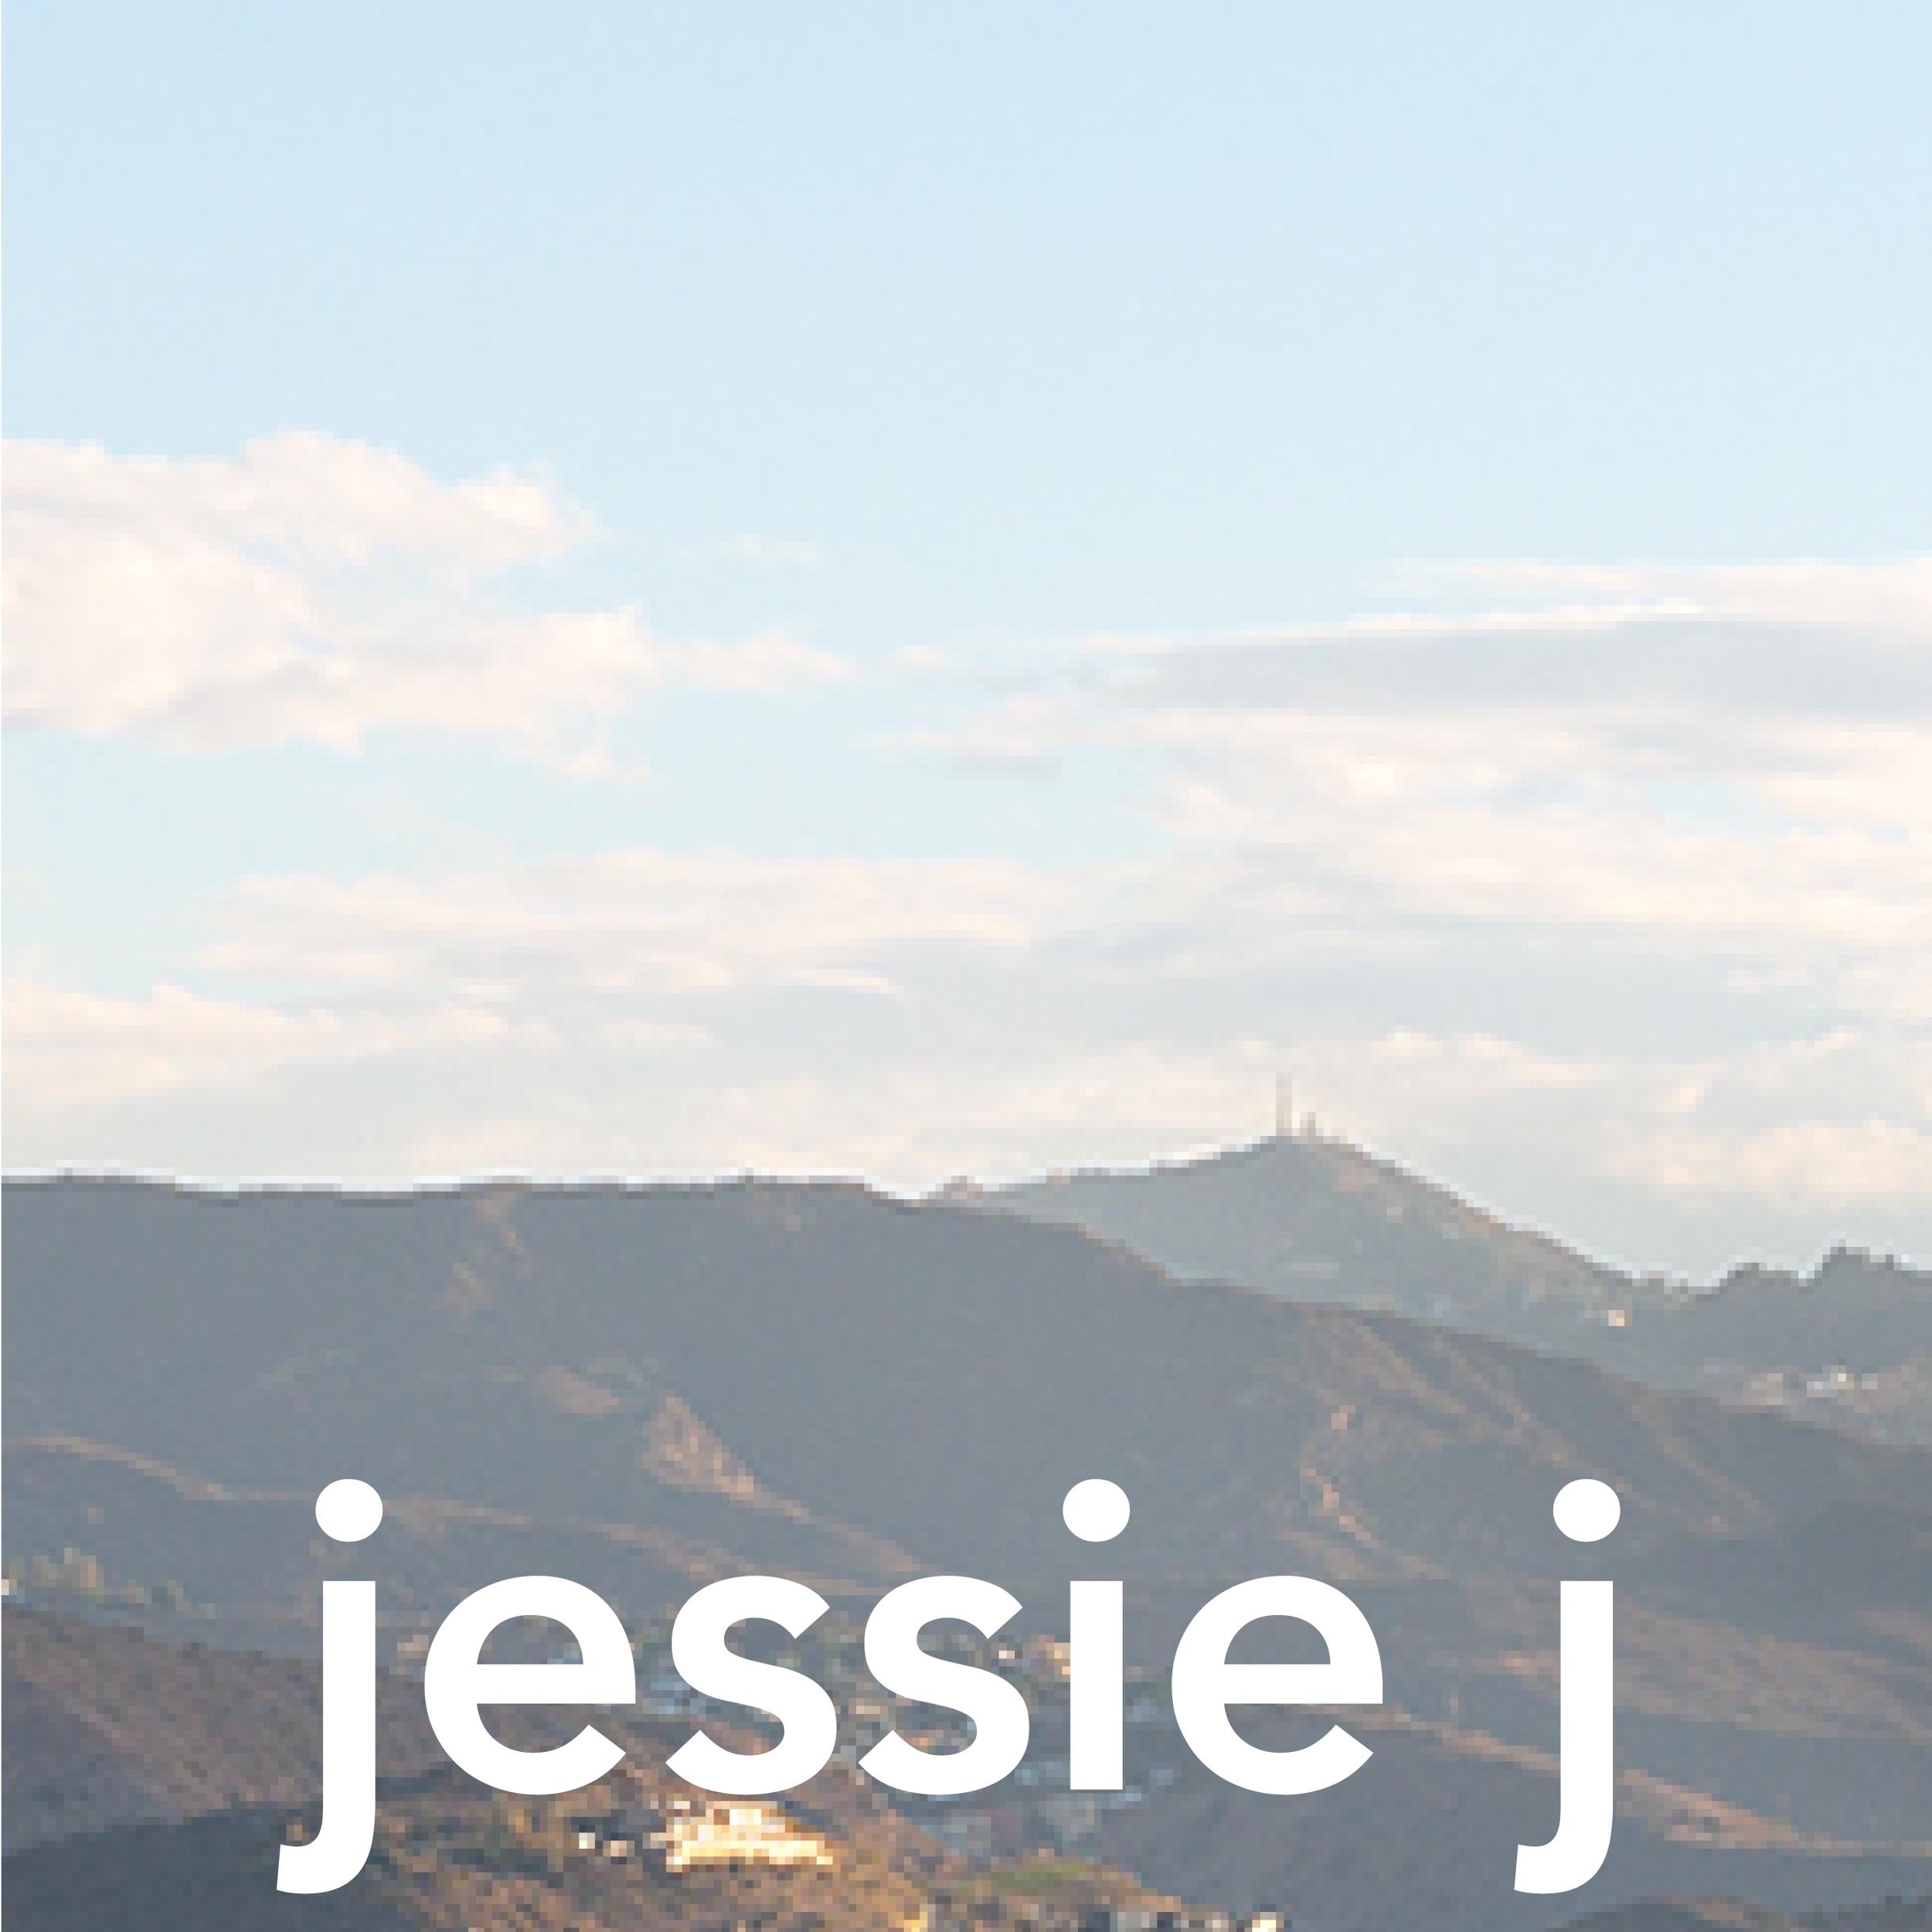 jessie j woodshed recording studio malibu ca